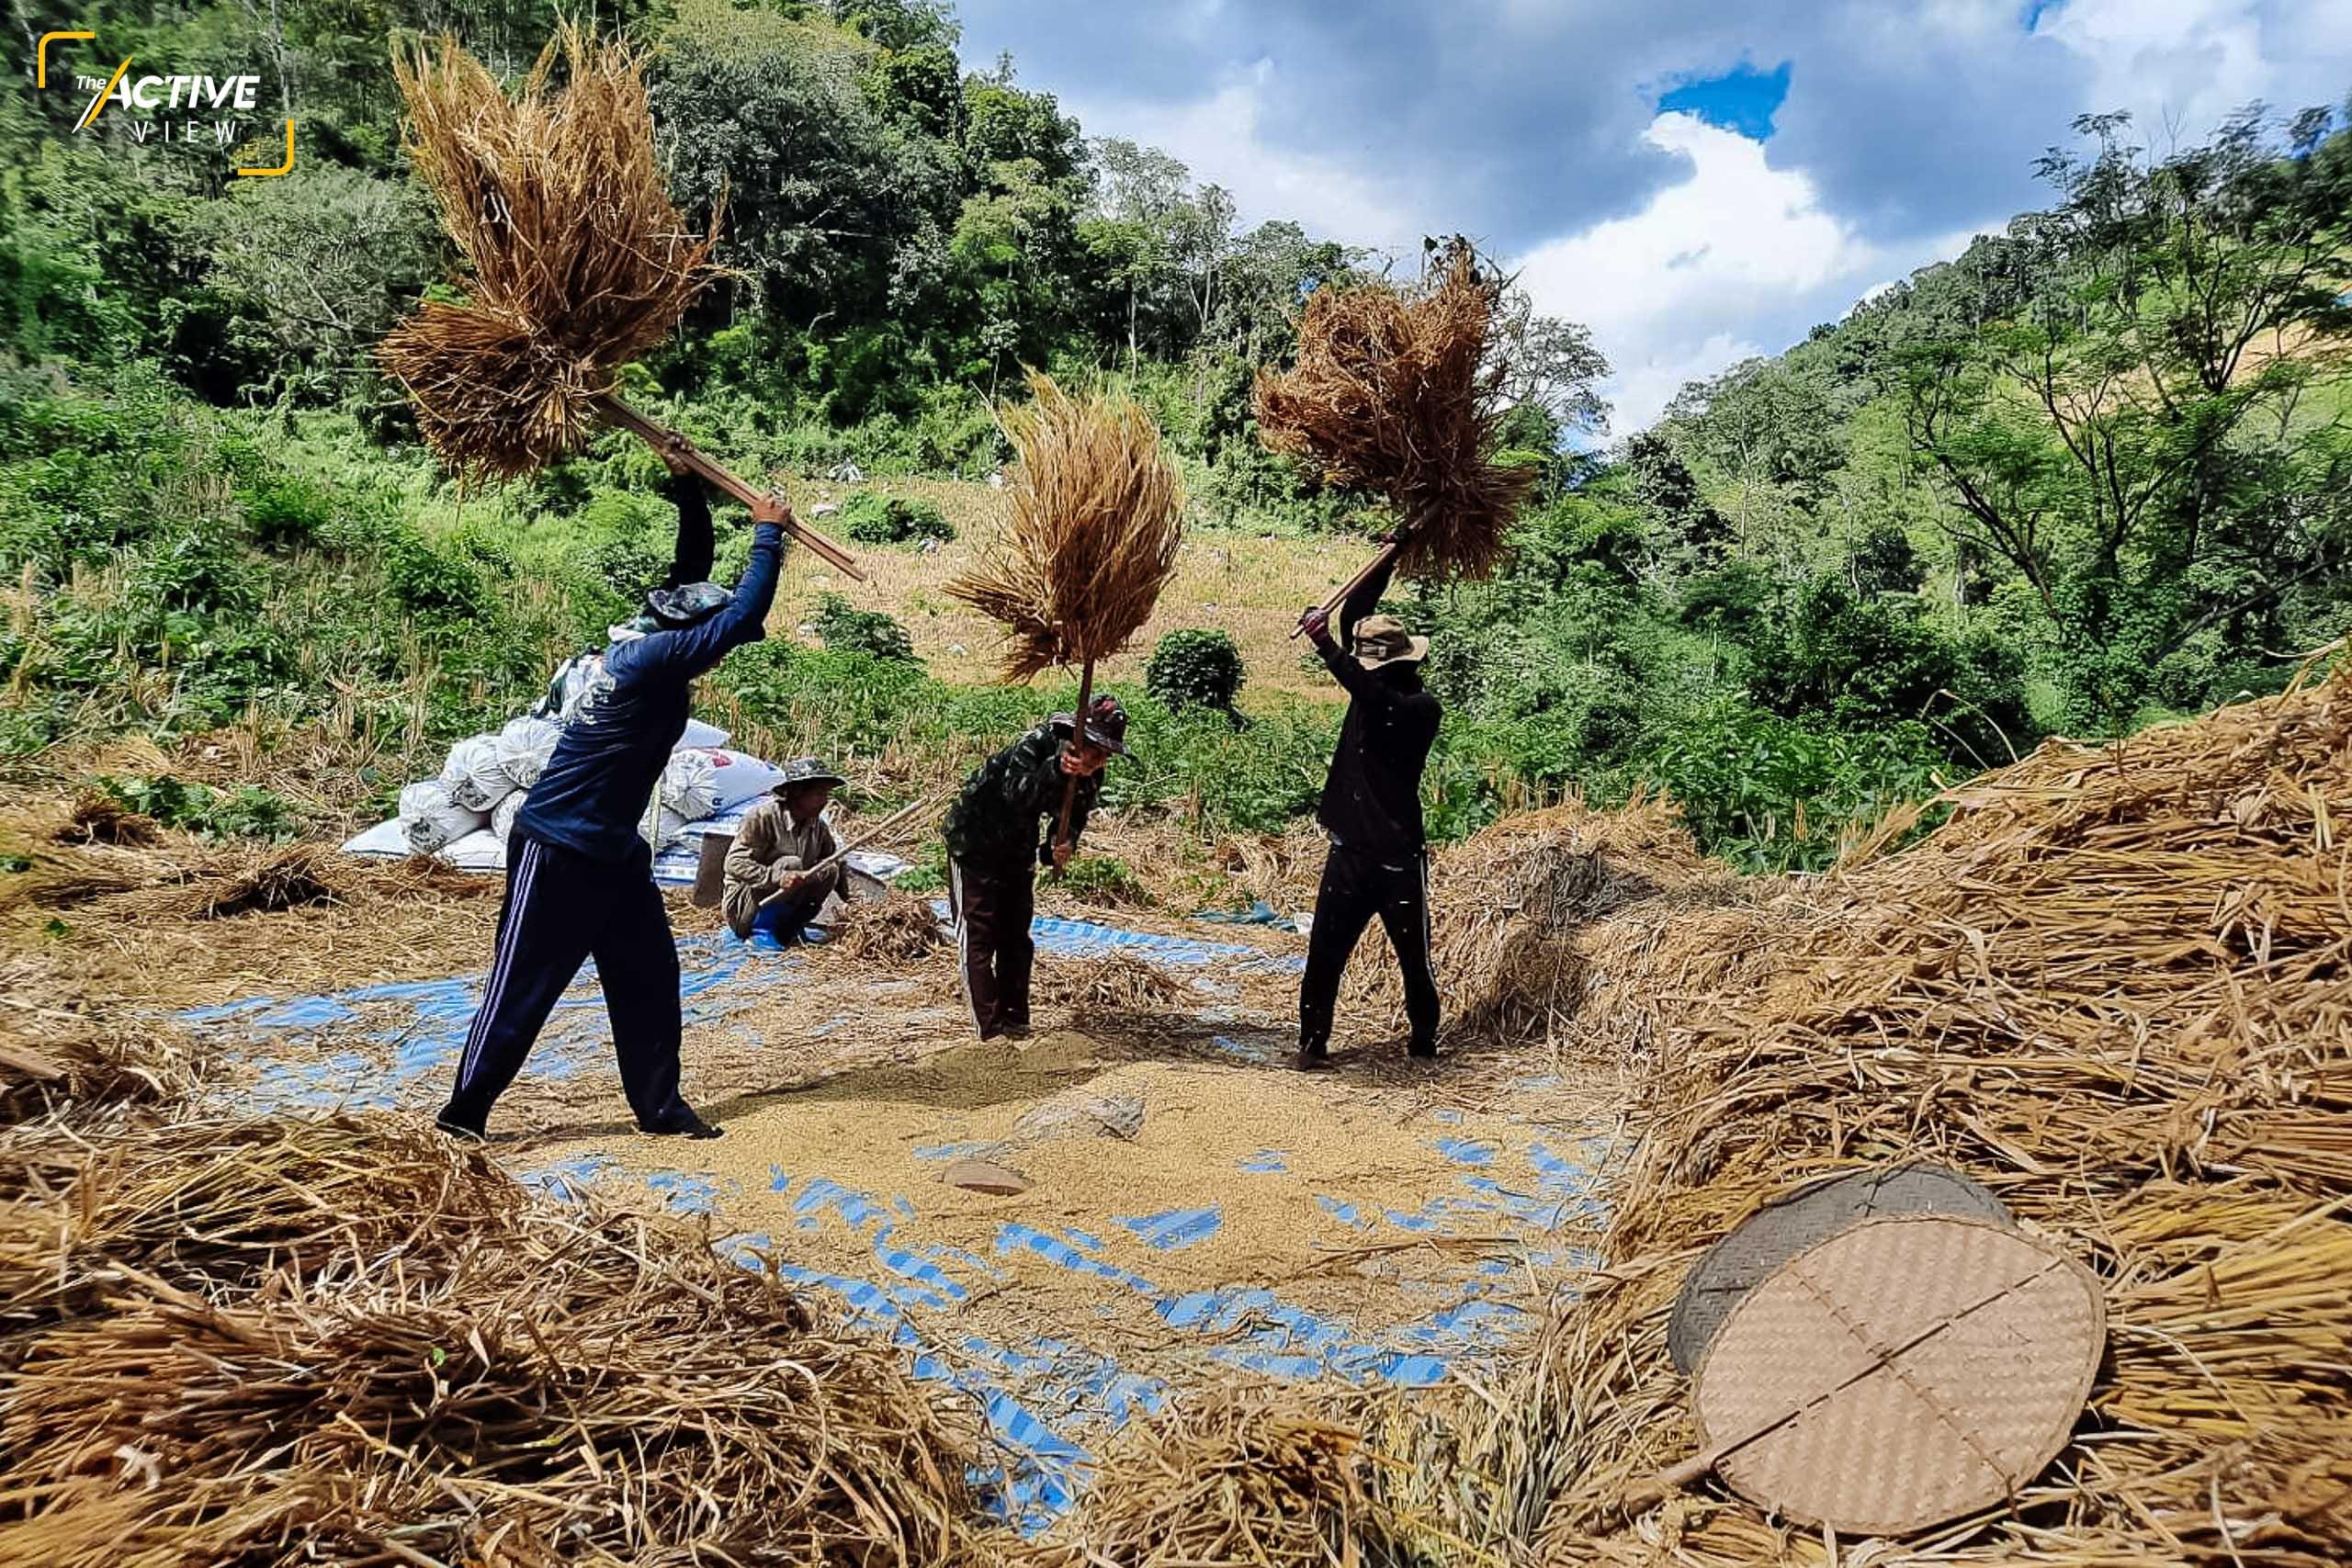 """""""ตีข้าวไร่ """" สองมือจับไม้ตีข้าวให้มั่น ทุ่มแรงฟาดลงบนรางตีข้าว ให้เมล็ดข้าวหลุดร่วงจากต้นให้มากที่สุด วิถีภูมิปัญหาที่ยังถูกสานต่อ ในยุคที่การทำเกษตรรูปแบบอื่น ลงทุนไปใช้เทคโนโลยีกันหมดแล้ว"""